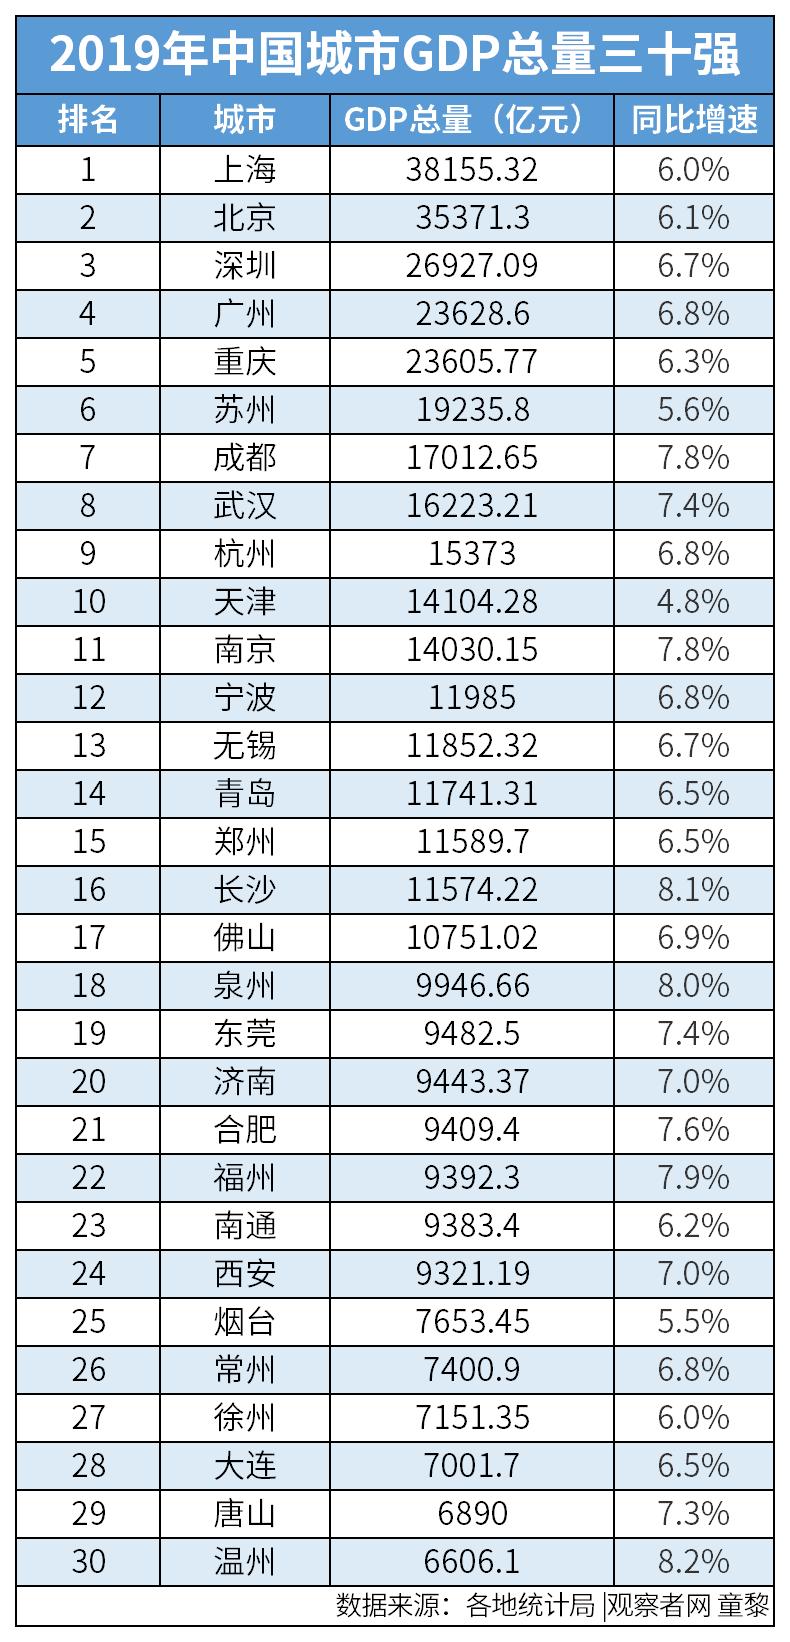 珠海人均gdp_珠海日月贝